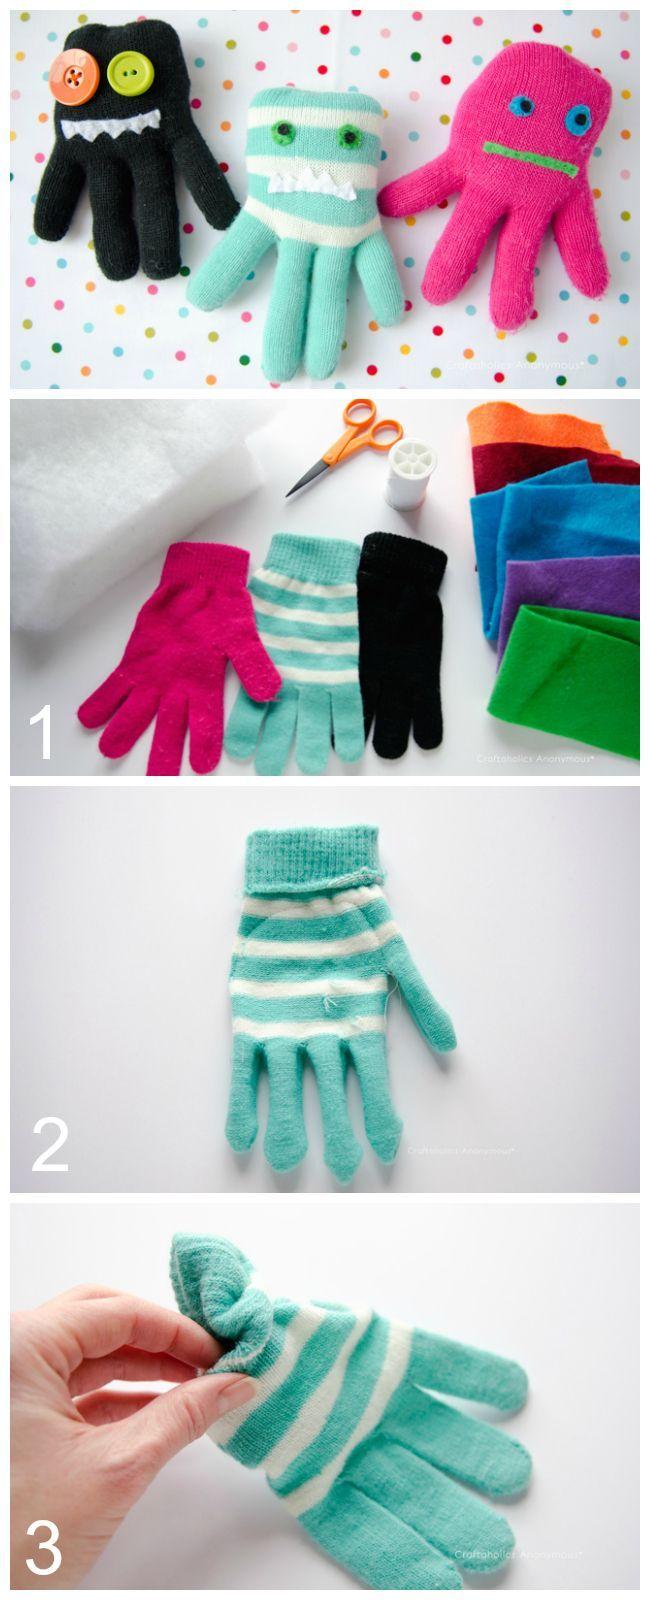 Homemade Softie Tutorials --- Glove Monster Softie